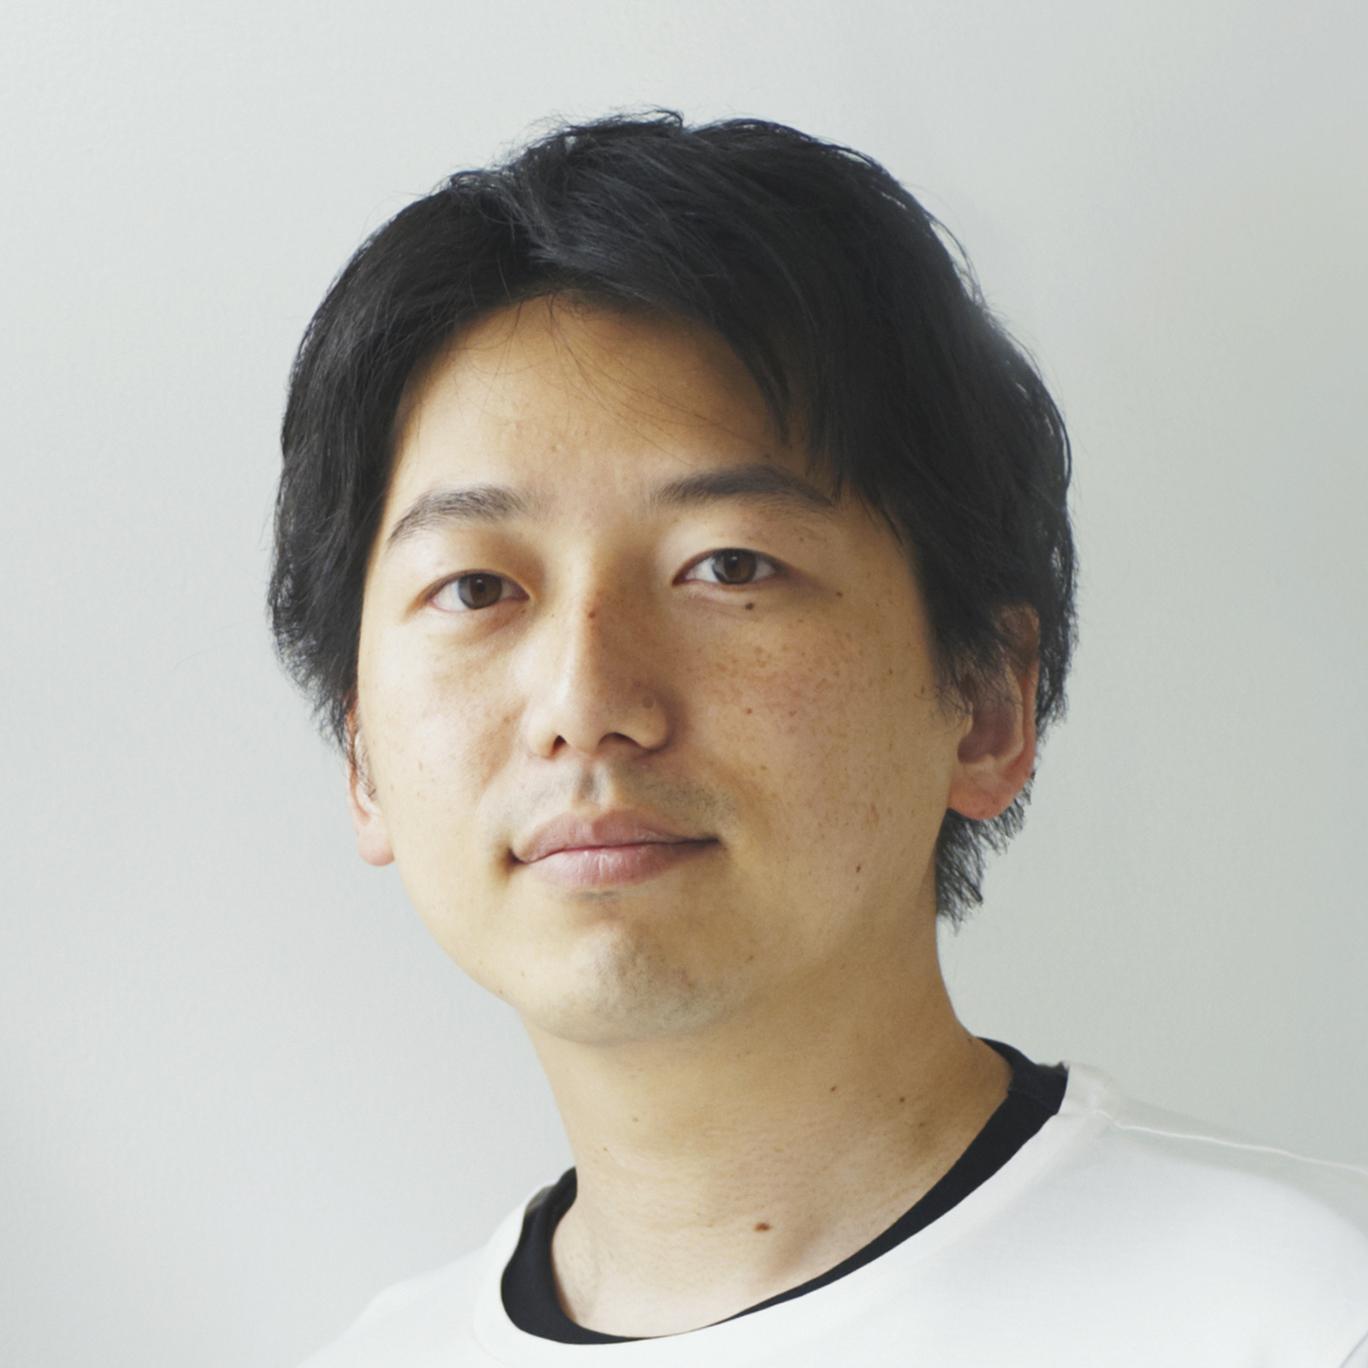 Mr. Kazuhiro Suemitsu